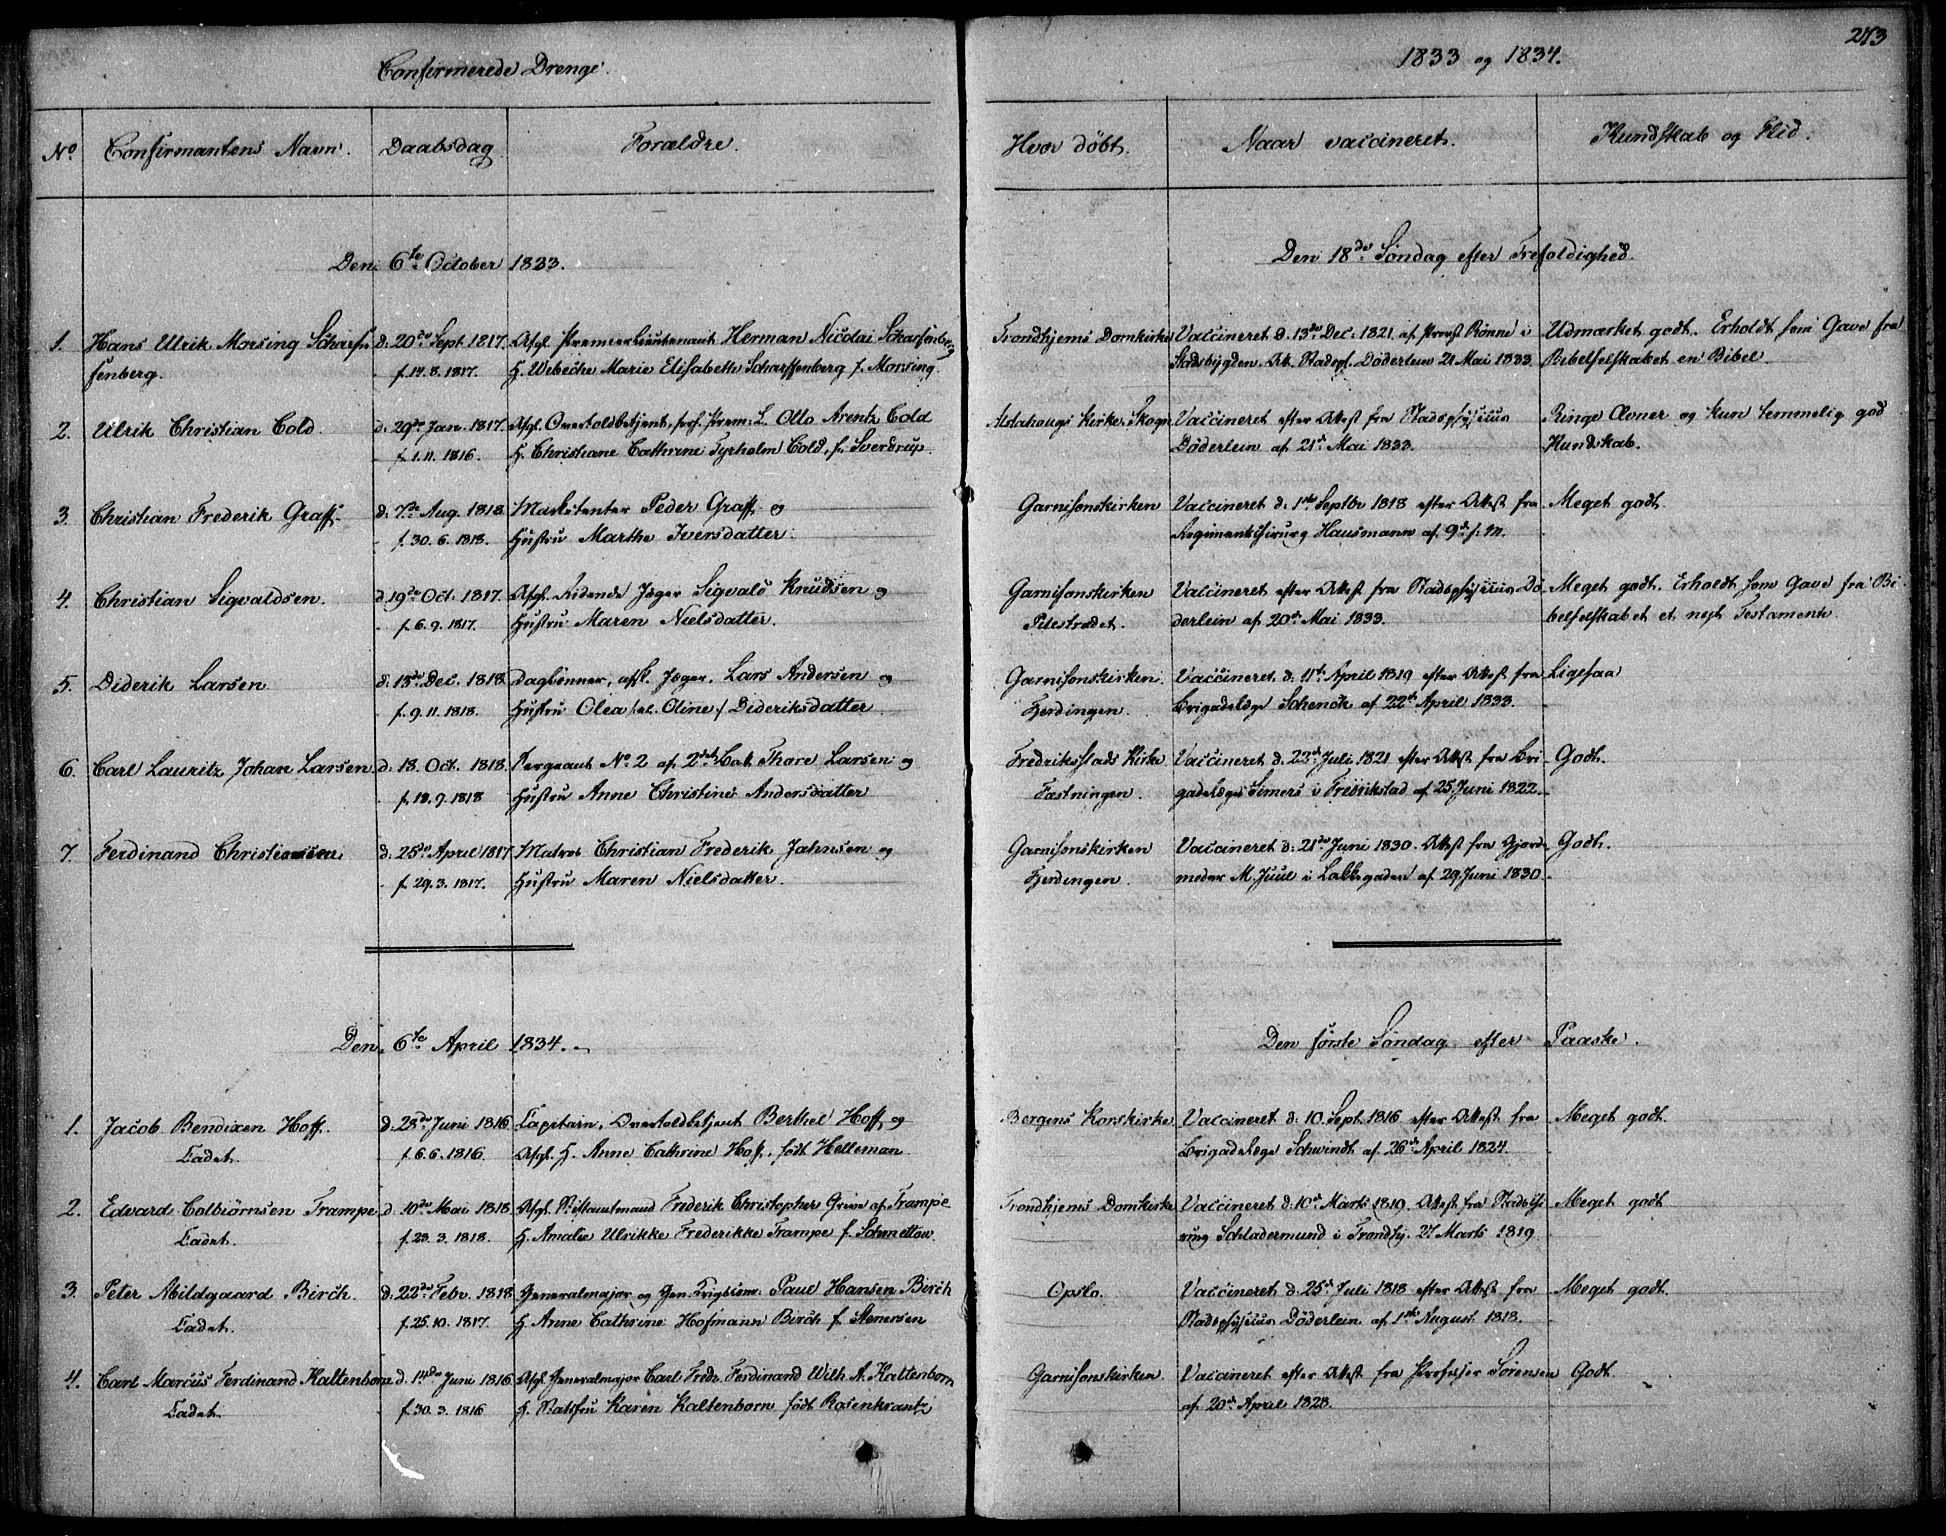 SAO, Garnisonsmenigheten Kirkebøker, F/Fa/L0006: Ministerialbok nr. 6, 1828-1841, s. 273